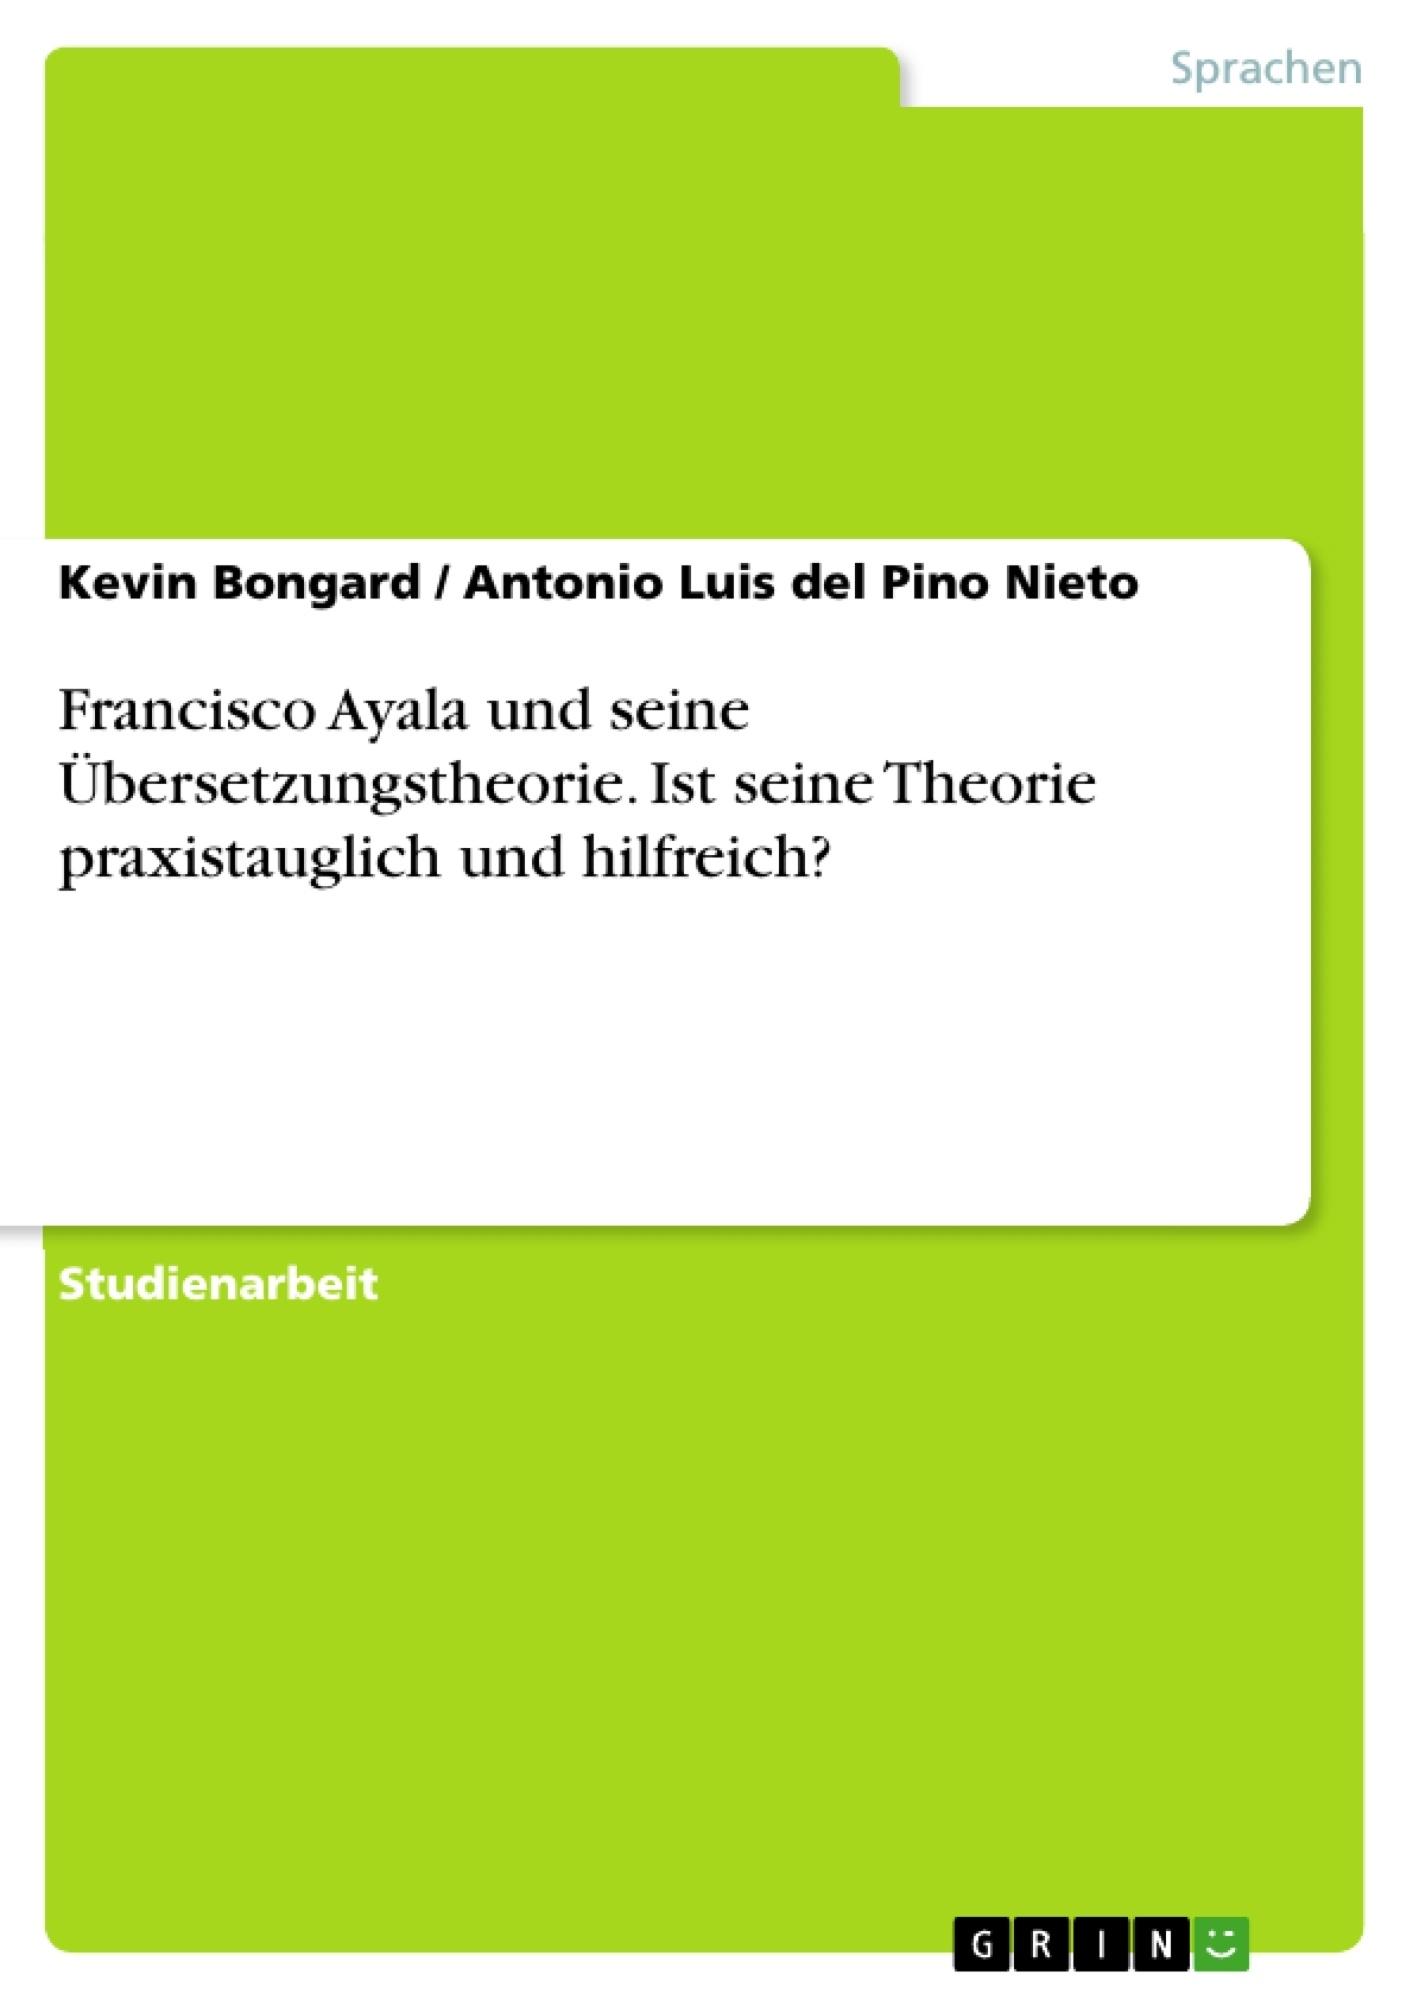 Titel: Francisco Ayala und seine Übersetzungstheorie. Ist seine Theorie praxistauglich und hilfreich?